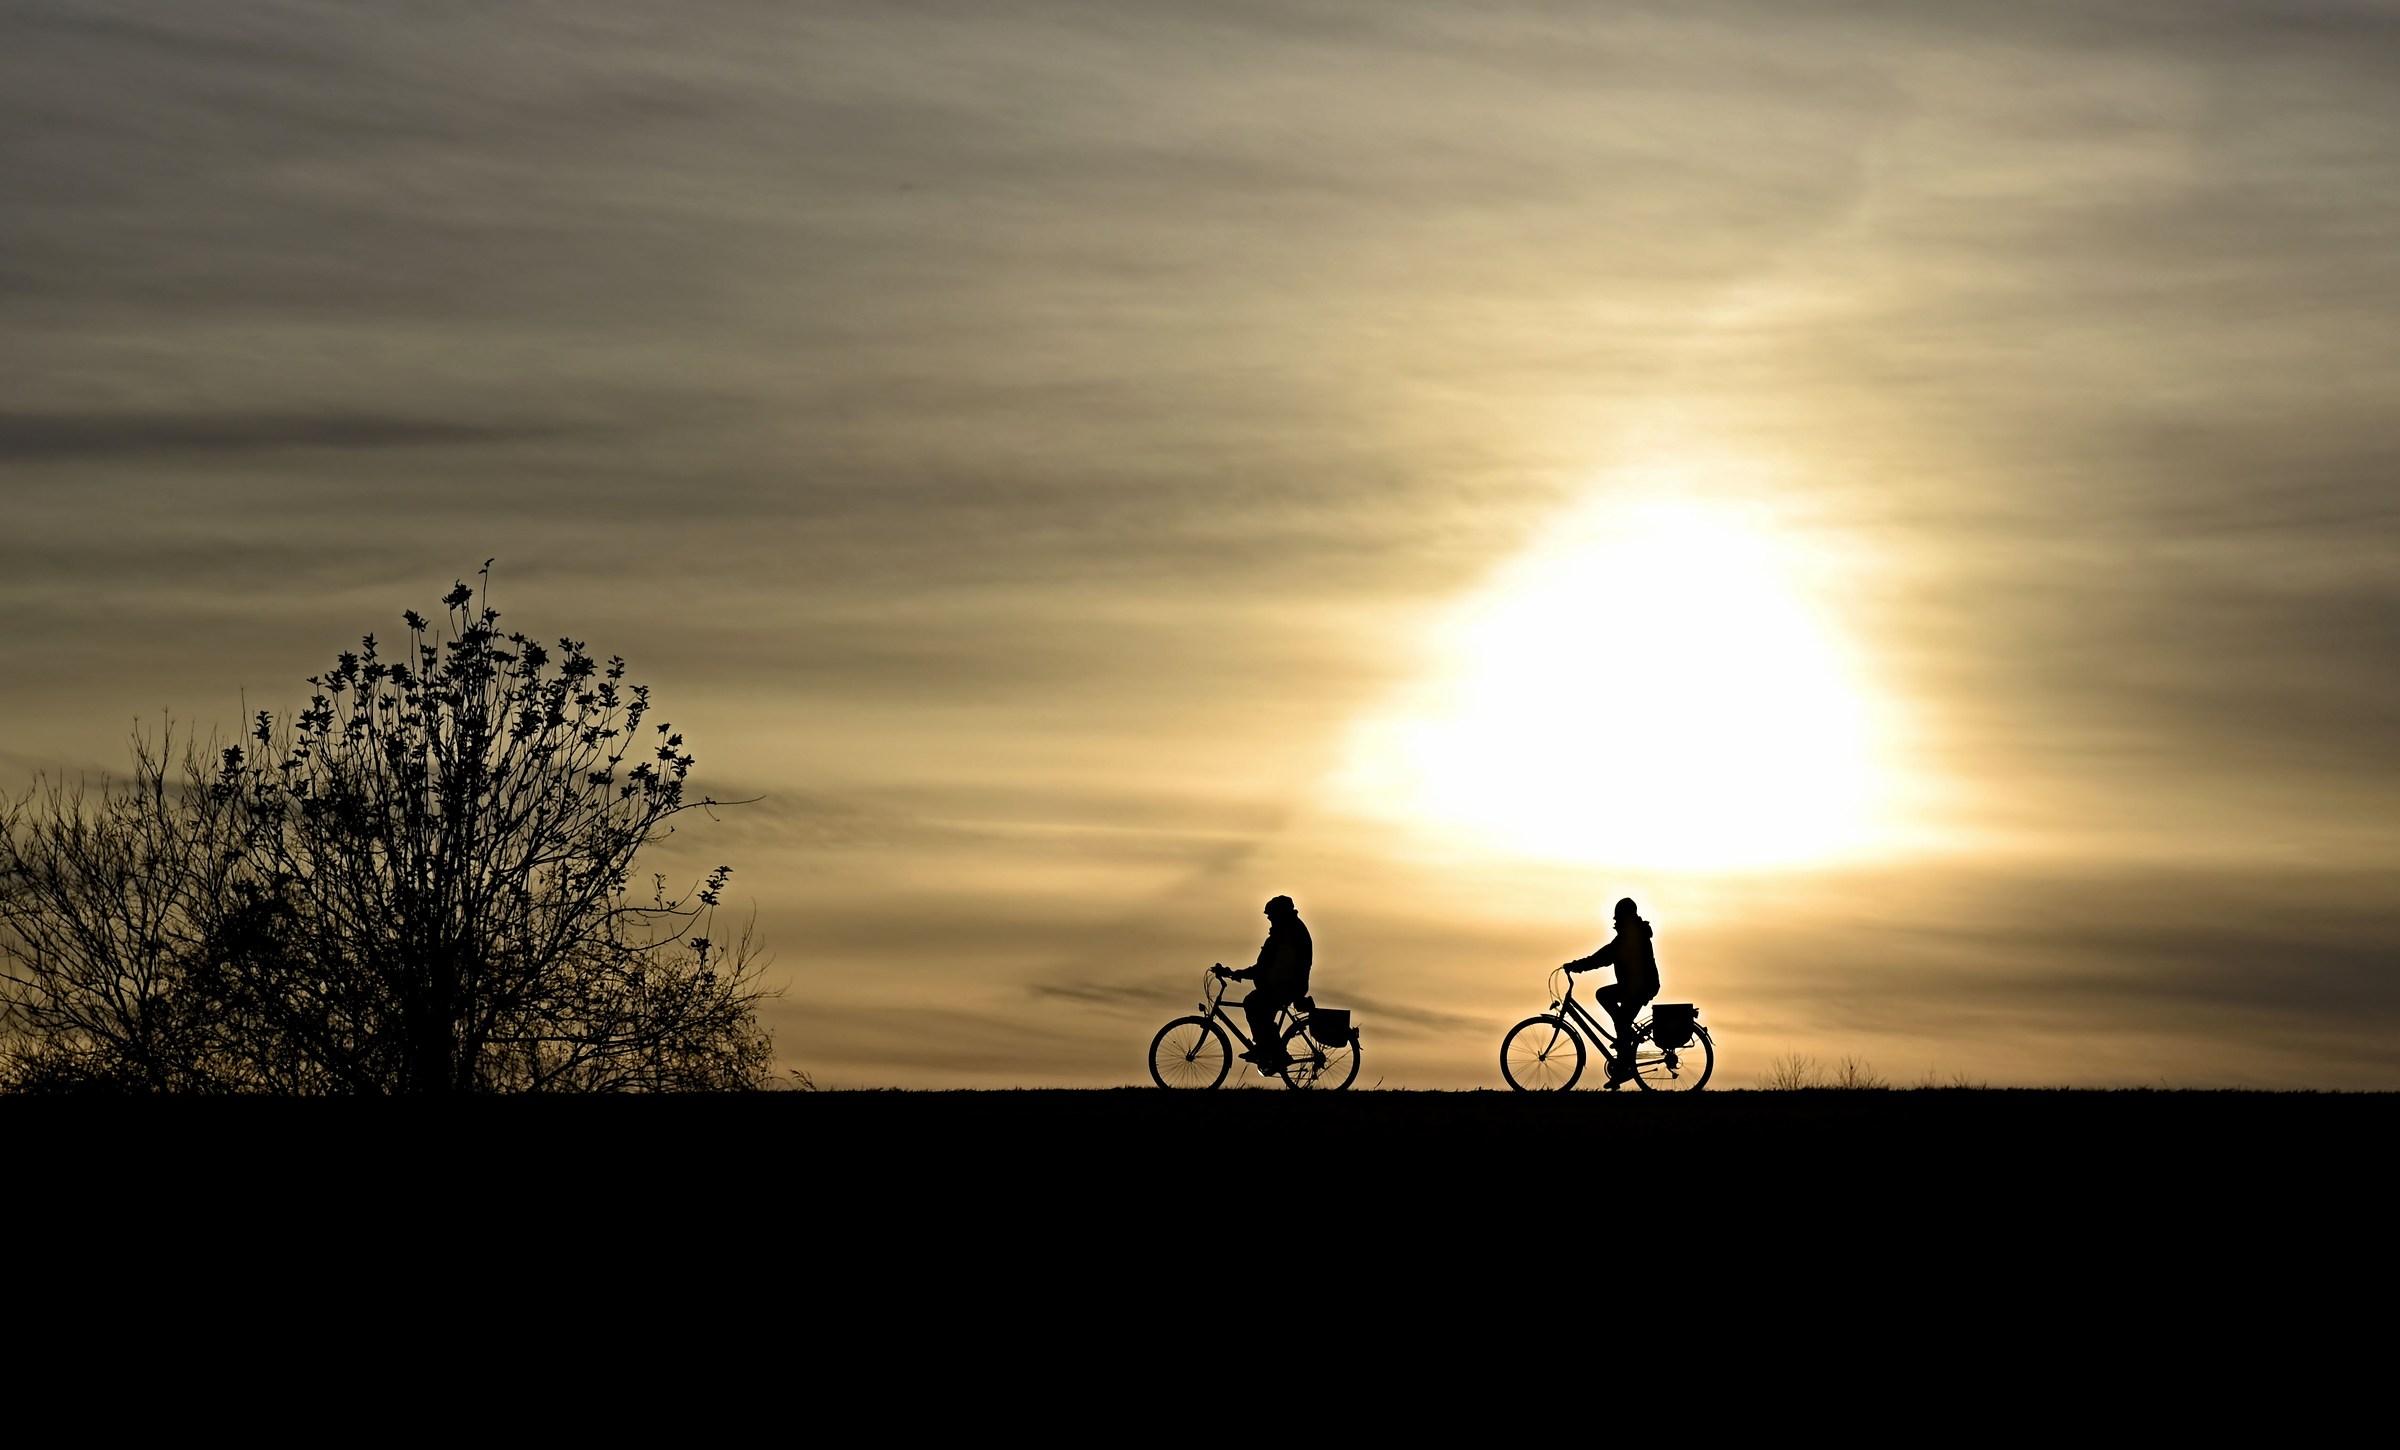 Sunset by bike...